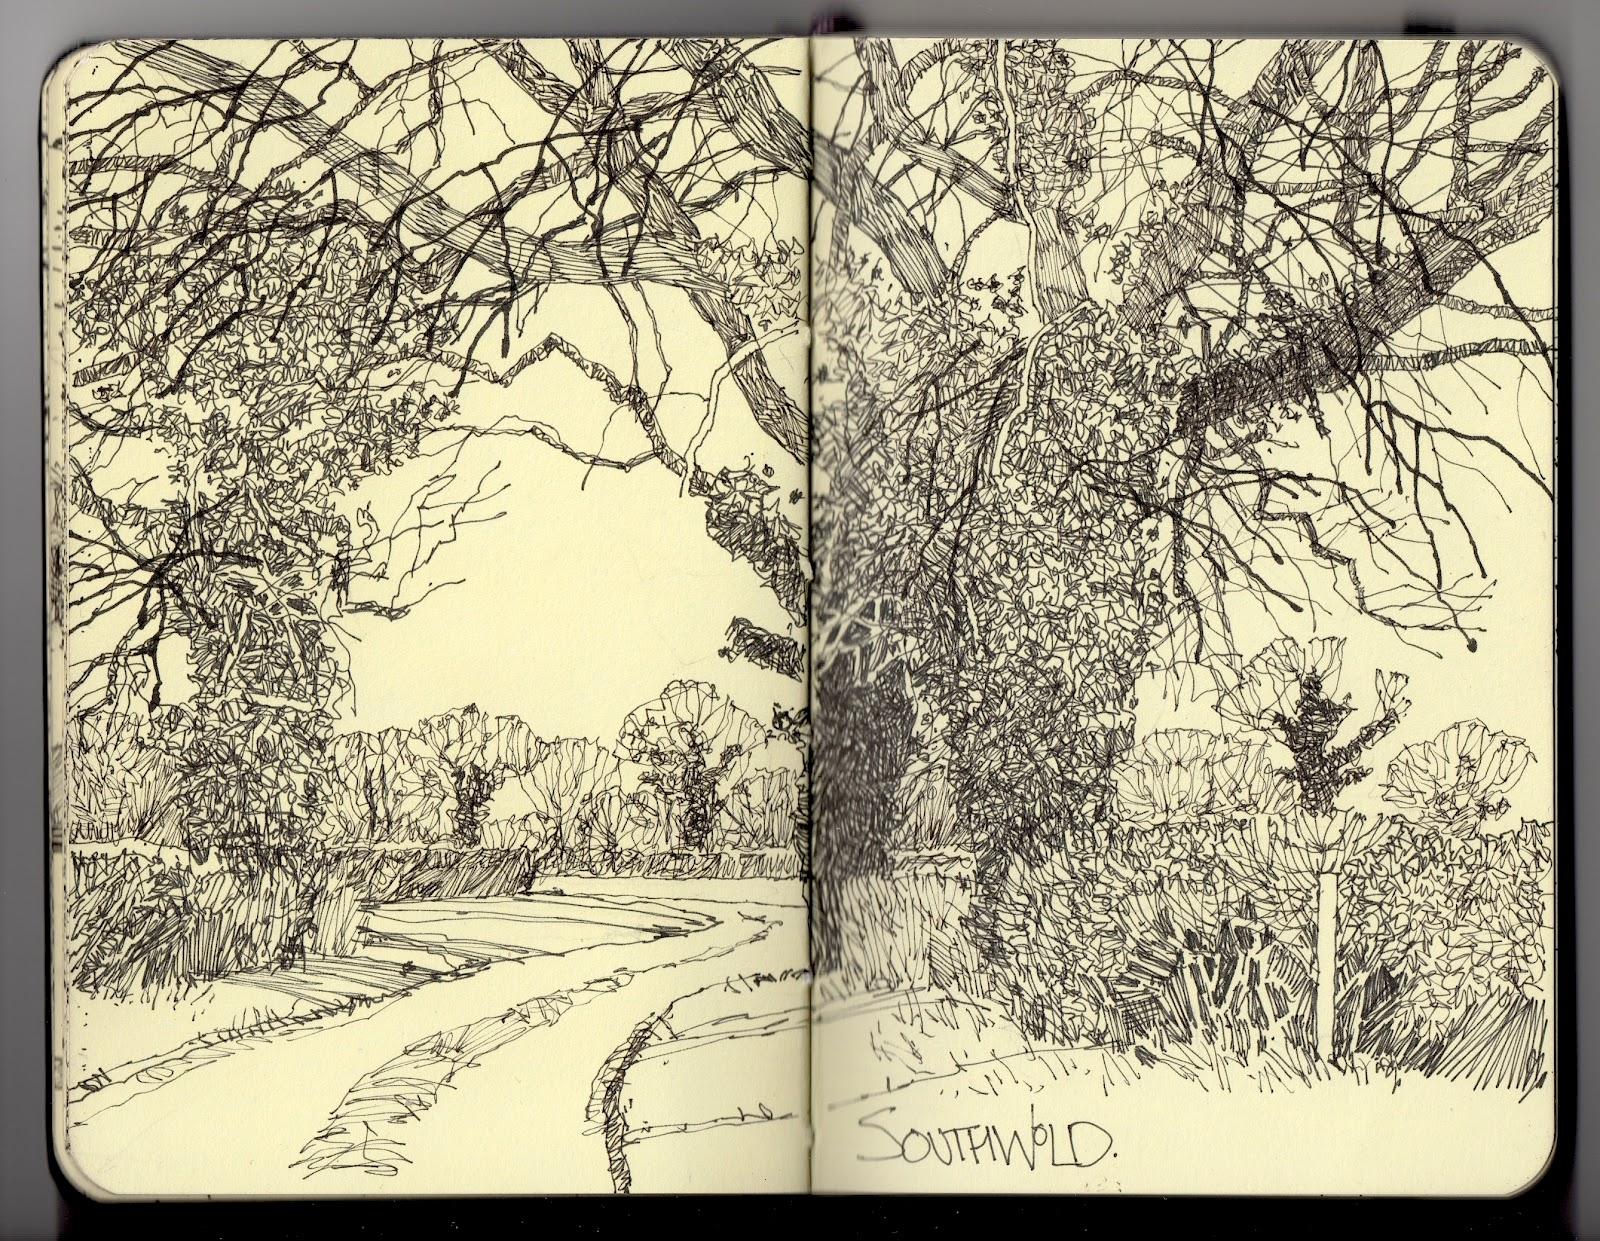 Fine Line Art : Ian sidaway fine line southwold